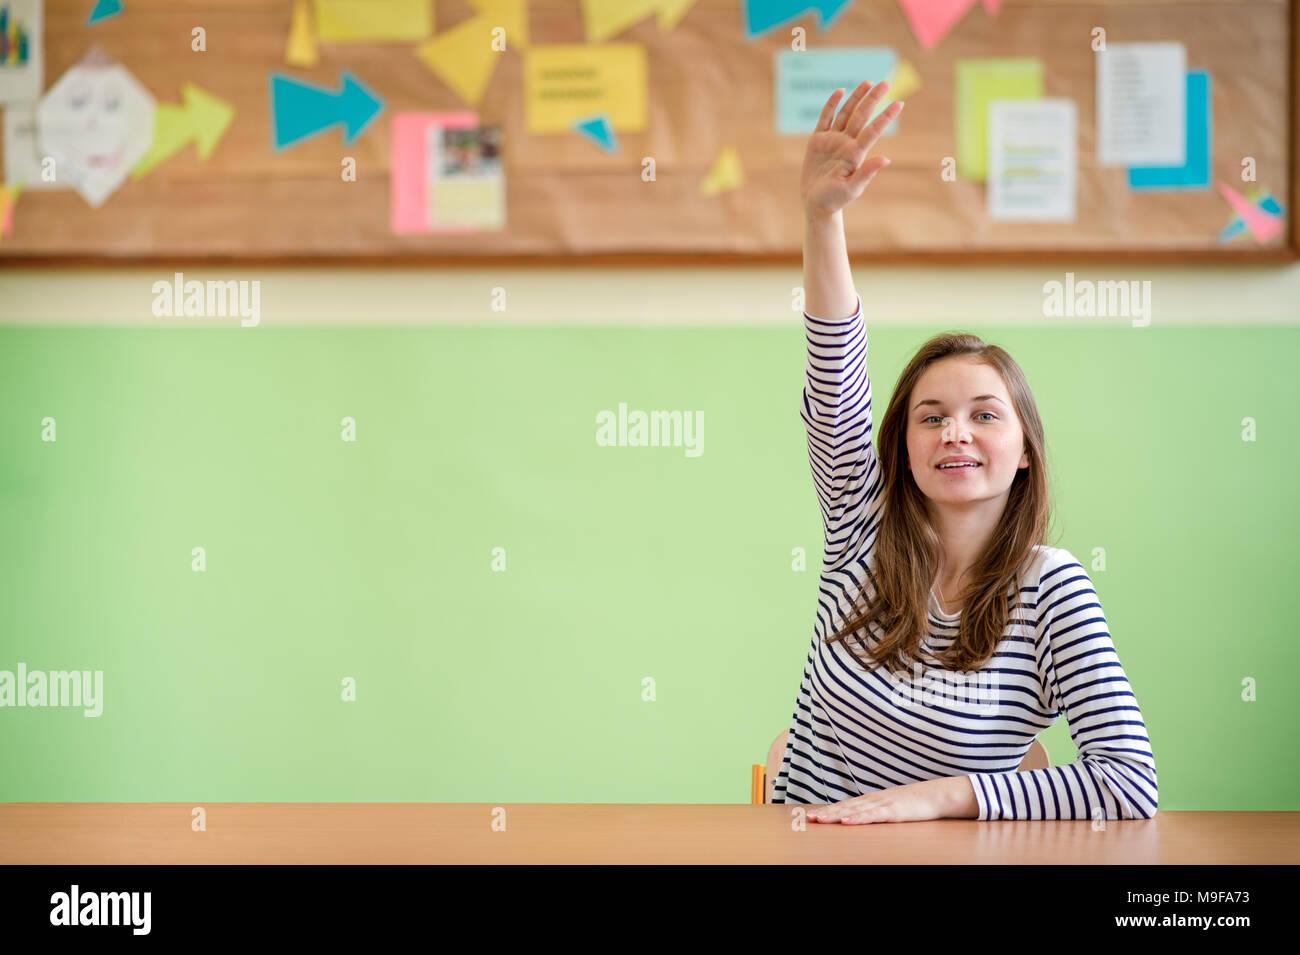 La educación, la escuela, el aprendizaje y el concepto de los adolescentes. Estudiante sentado en el aula y levantando la mano. Imagen De Stock